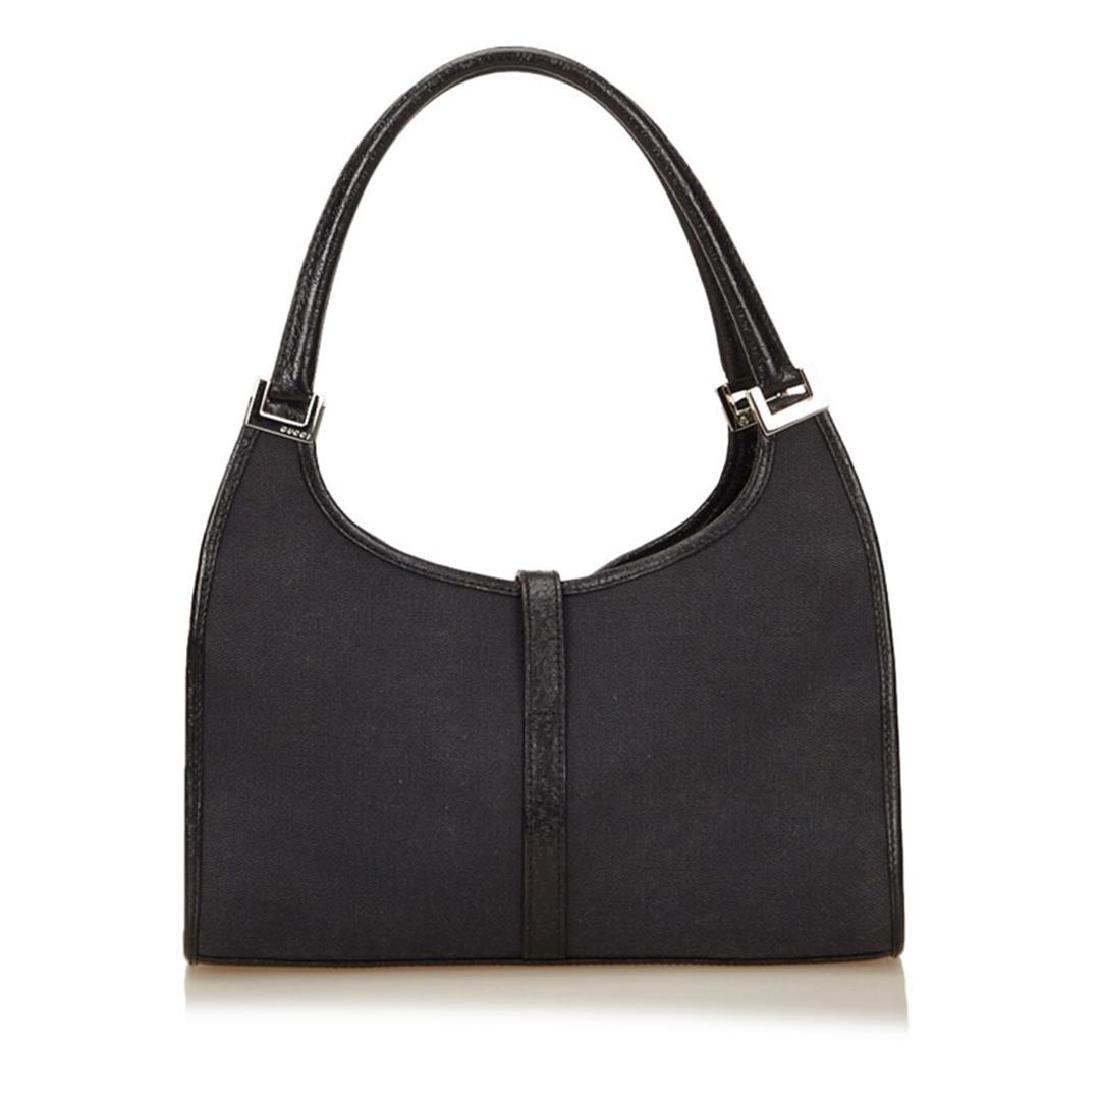 Gucci Black Canvas Leather Jackie Shoulder Bag - 3